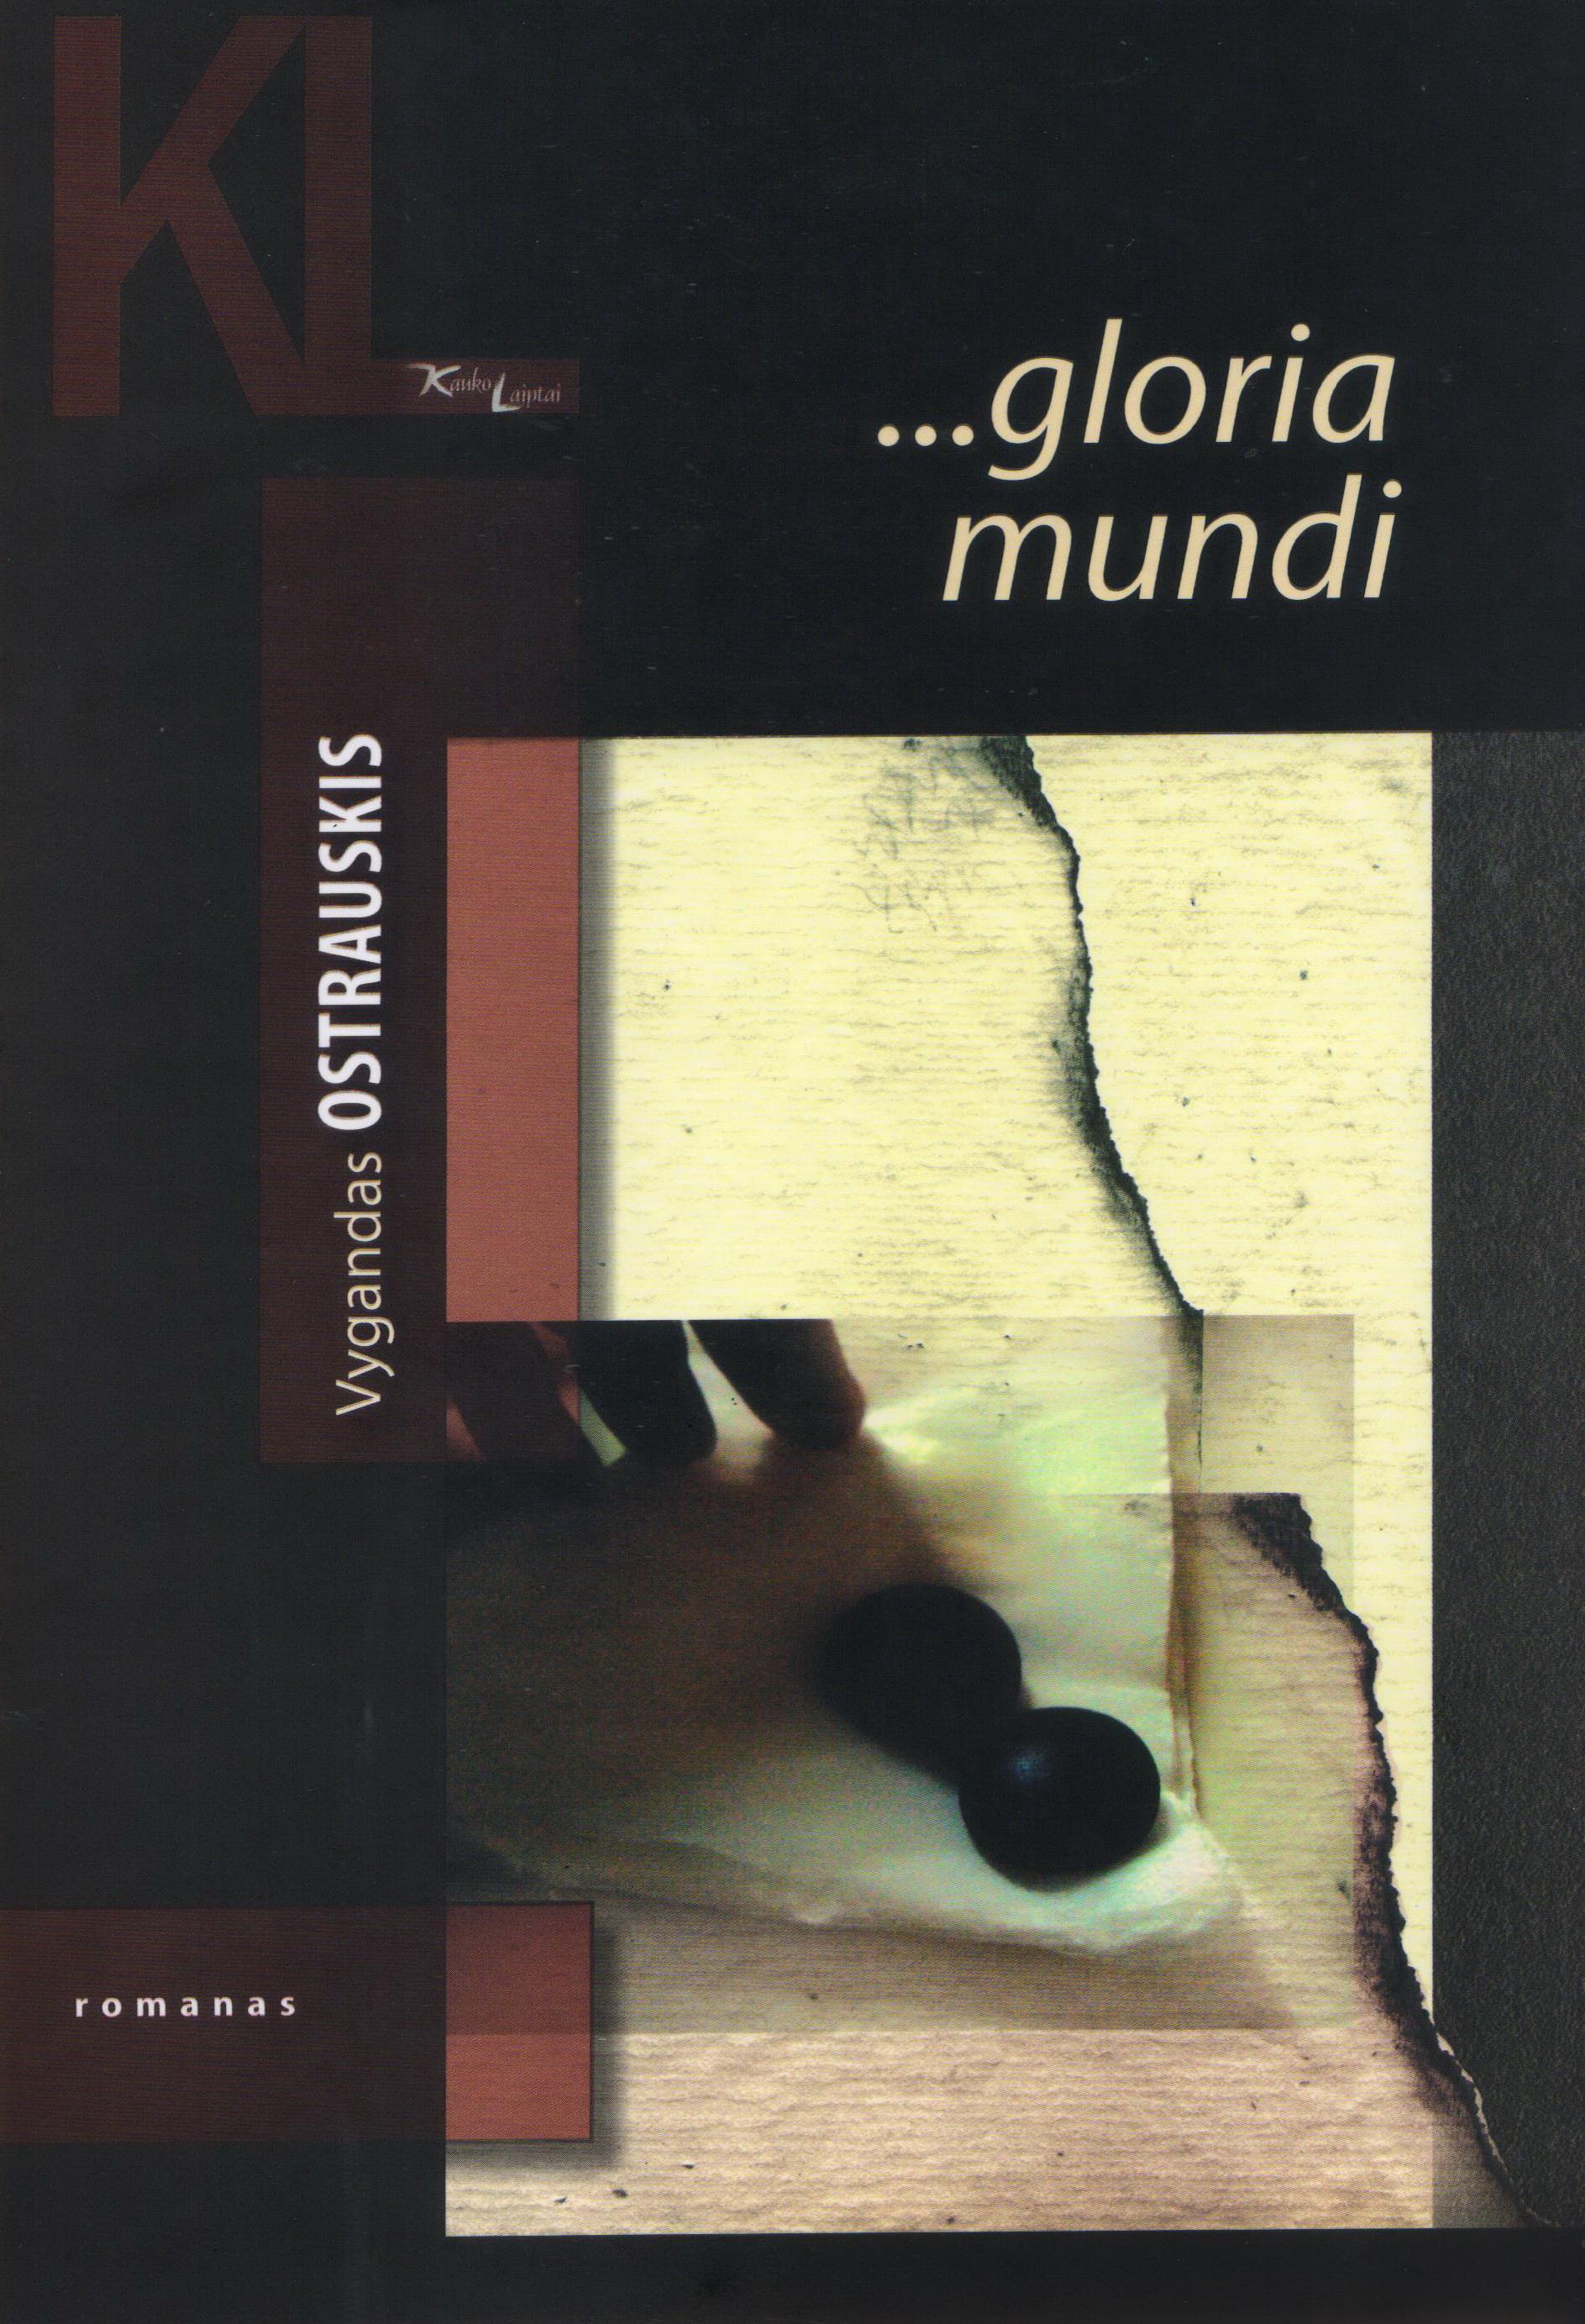 """Vygandas Ostrauskis """"...gloria mundi"""" (Kaunas: Kauko laiptai, 2018)"""